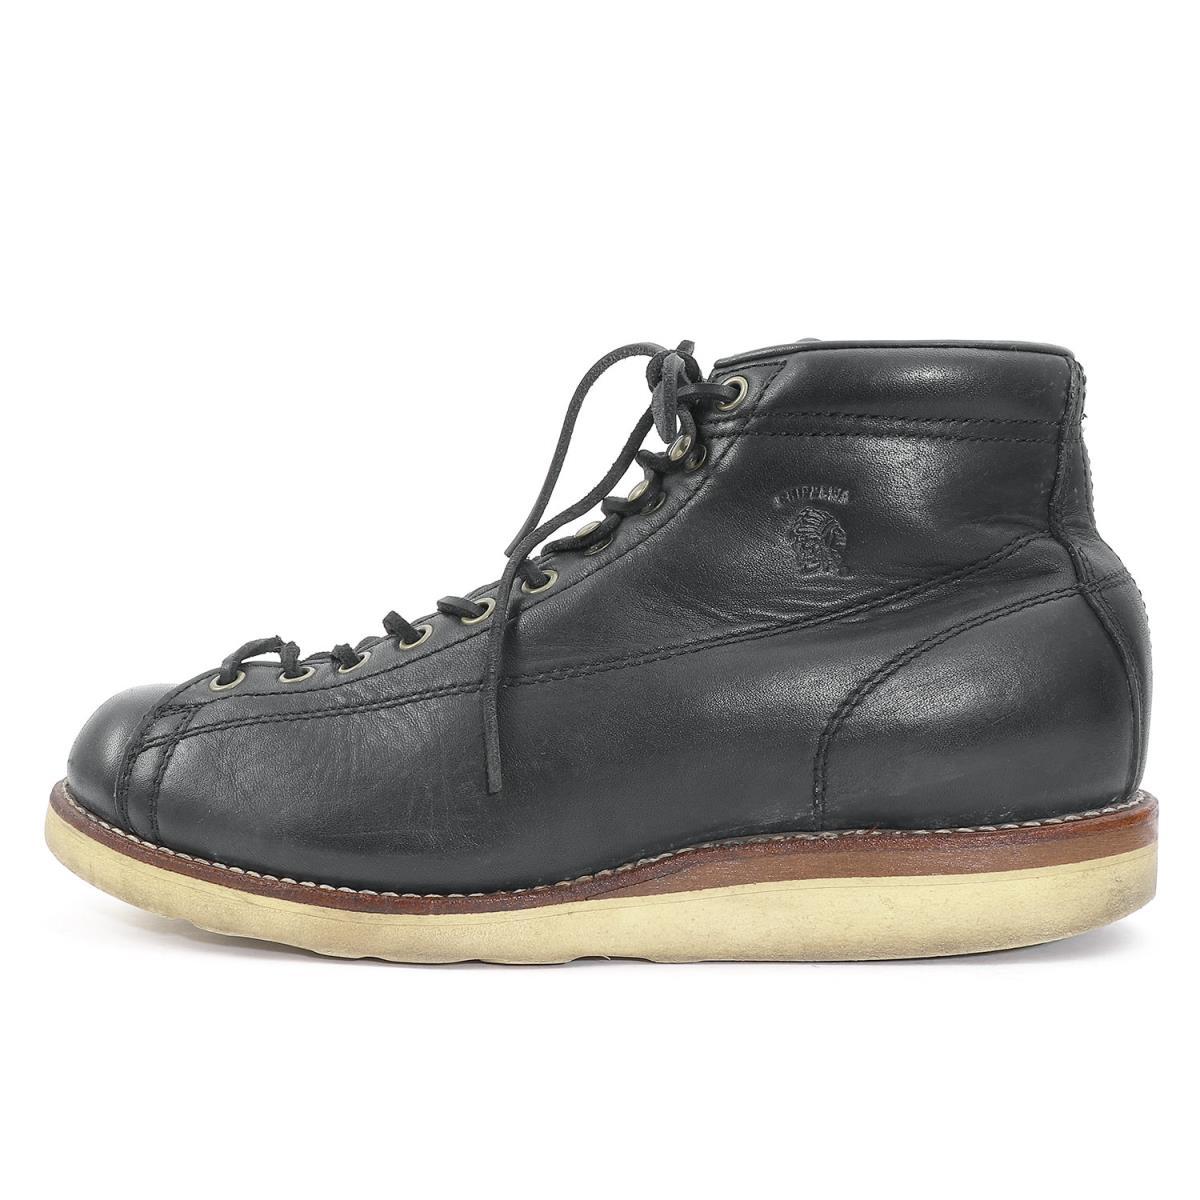 CHIPPEWA (チペワ) レザーモンキーブーツ ブラック US9(27cm) 【メンズ】【K2079】【中古】【あす楽☆対応可】